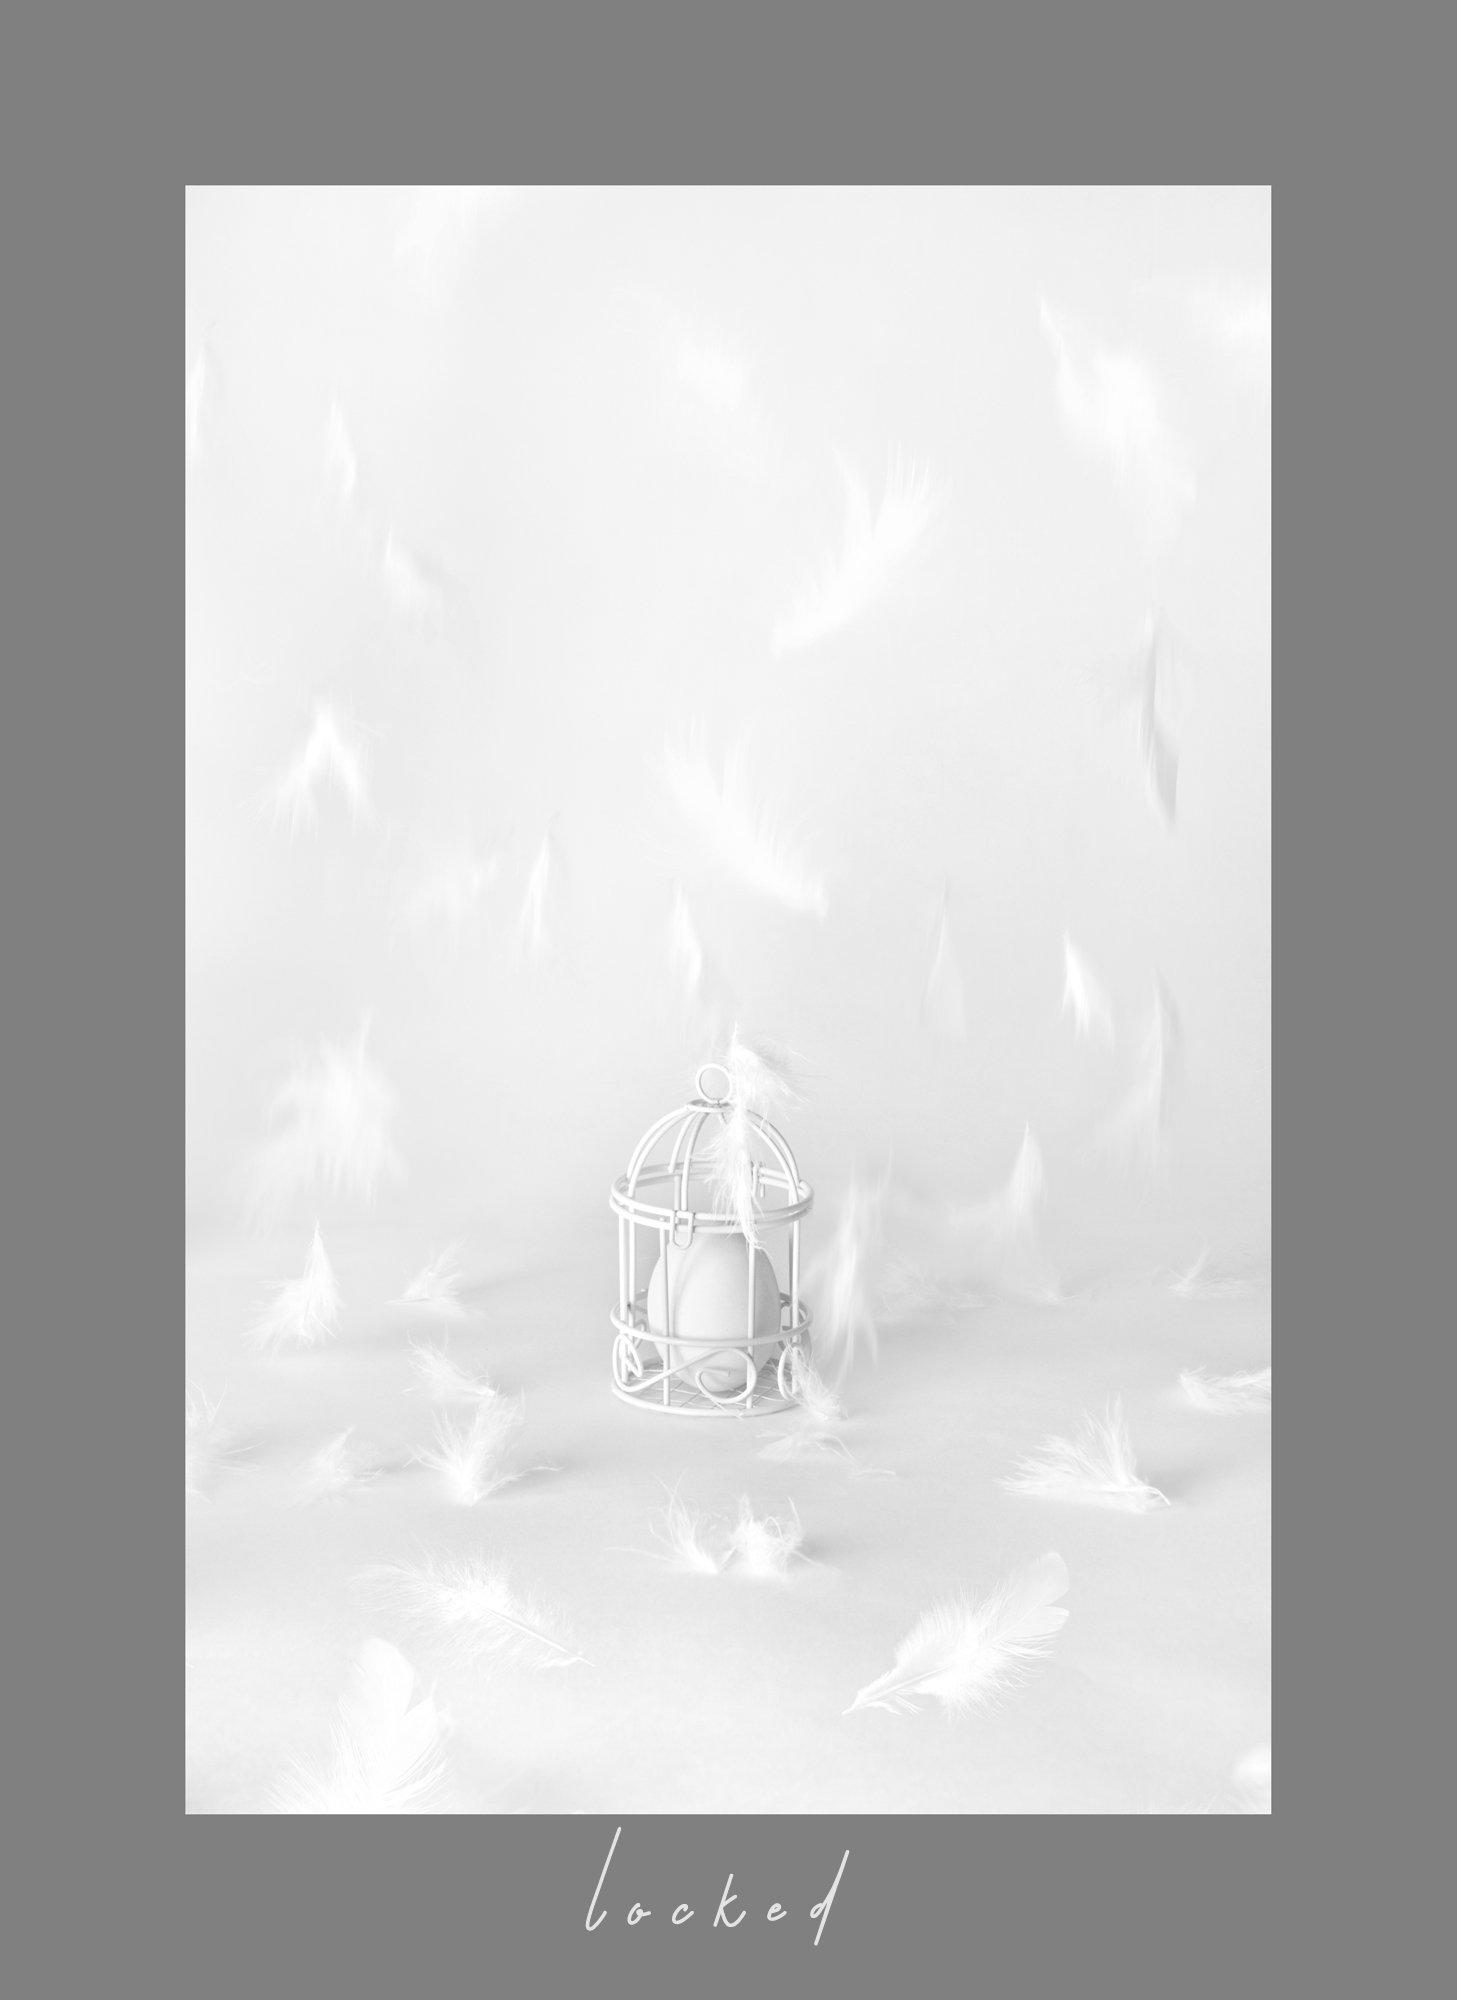 яйцо, клетка, взаперти, перья, белый, концепт, Наталья Голубева